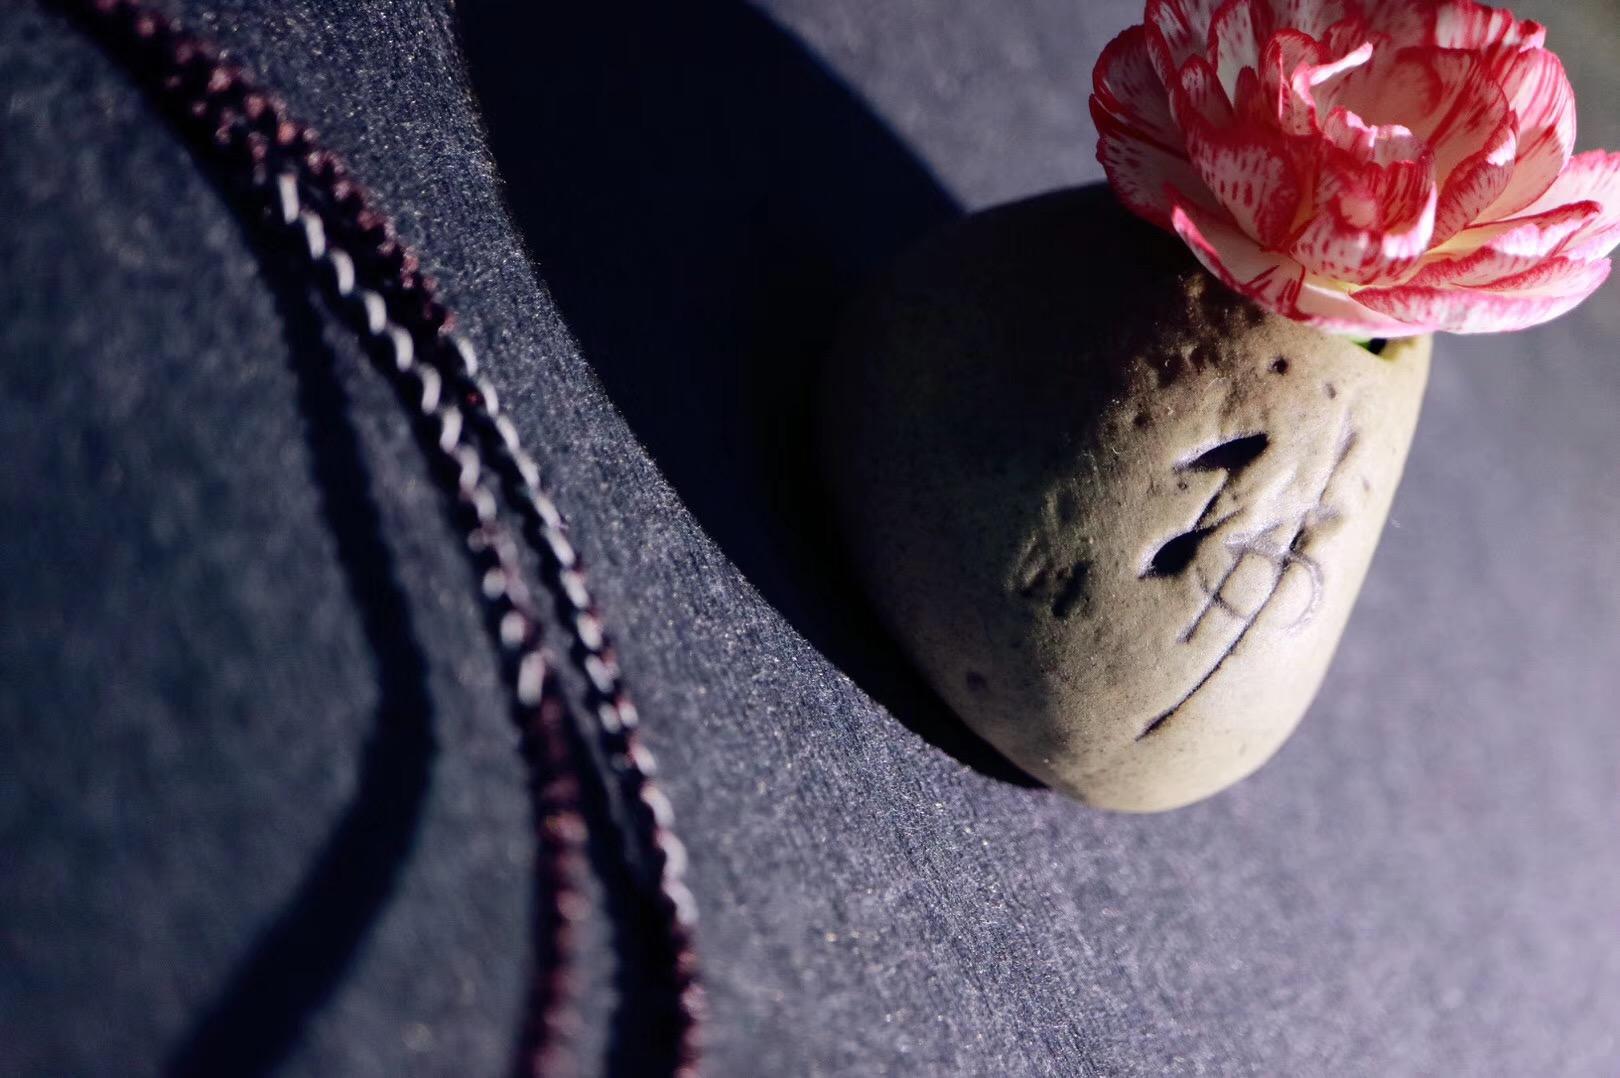 【黑银钛 | 佛引福至】 银钛可防止灵异干扰与预防黑巫术-菩心晶舍